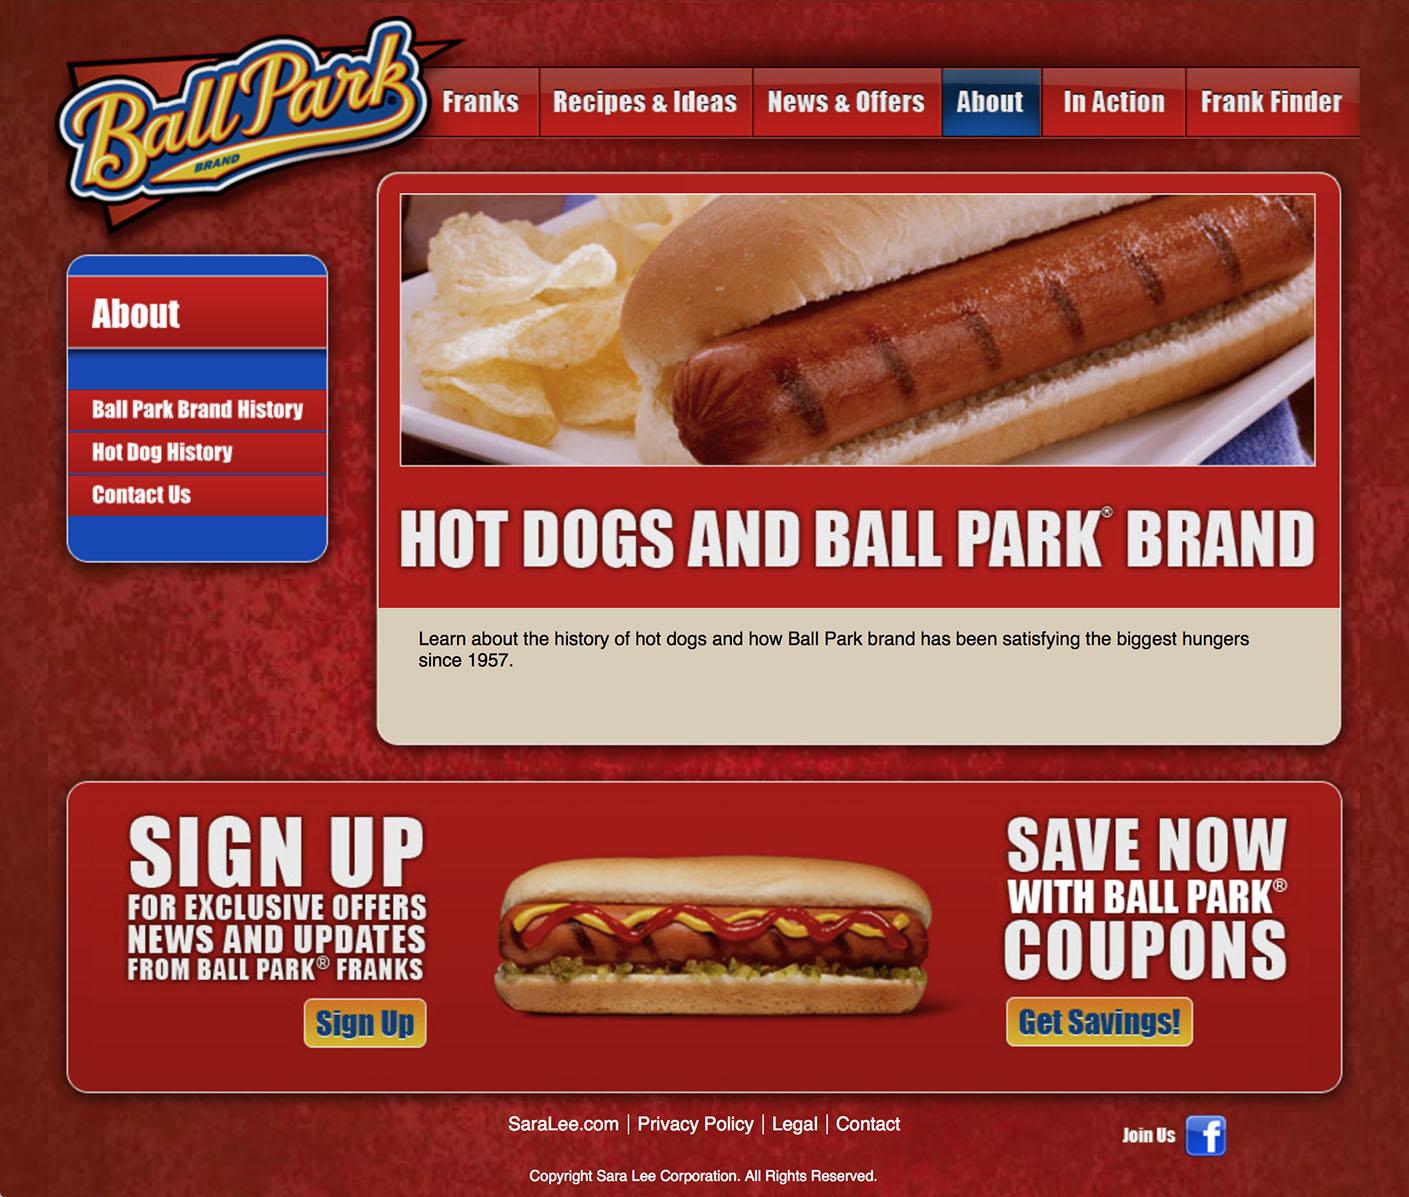 Ball Park: Website – 5 About